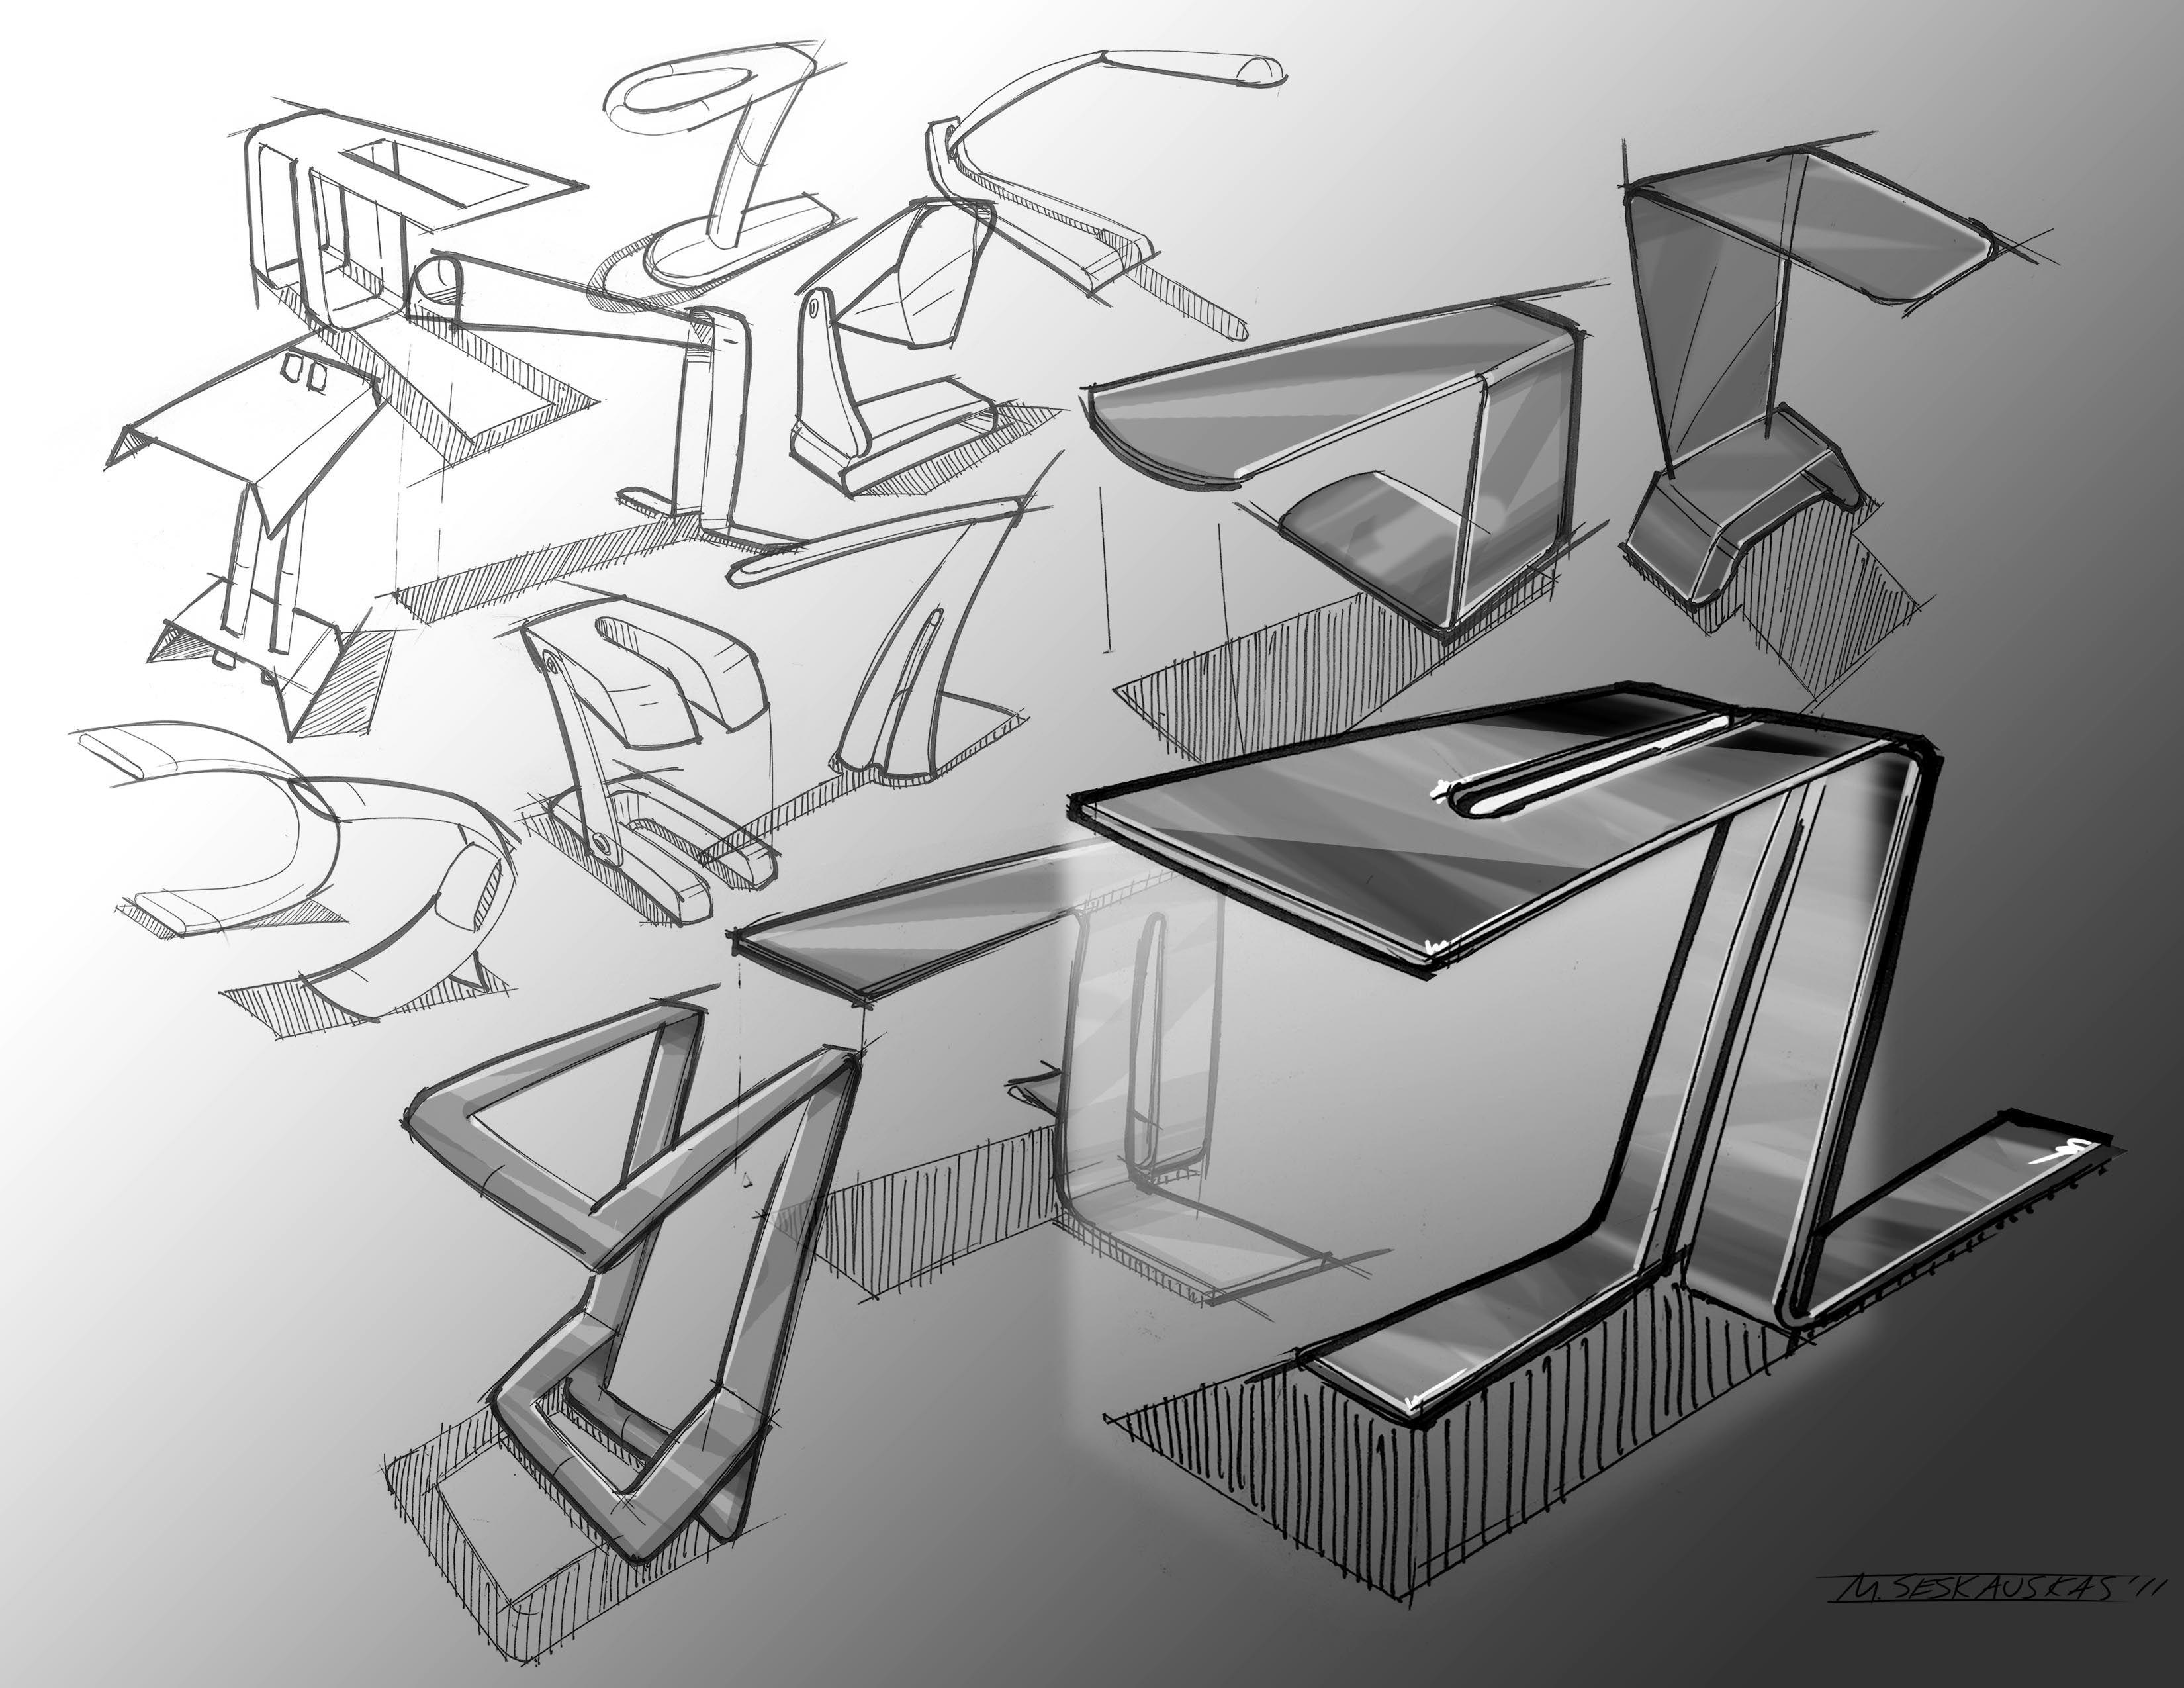 Desk Led Lamp Pesquisa Google Industrial Lamp Design Lamp Design Industrial Design Sketch